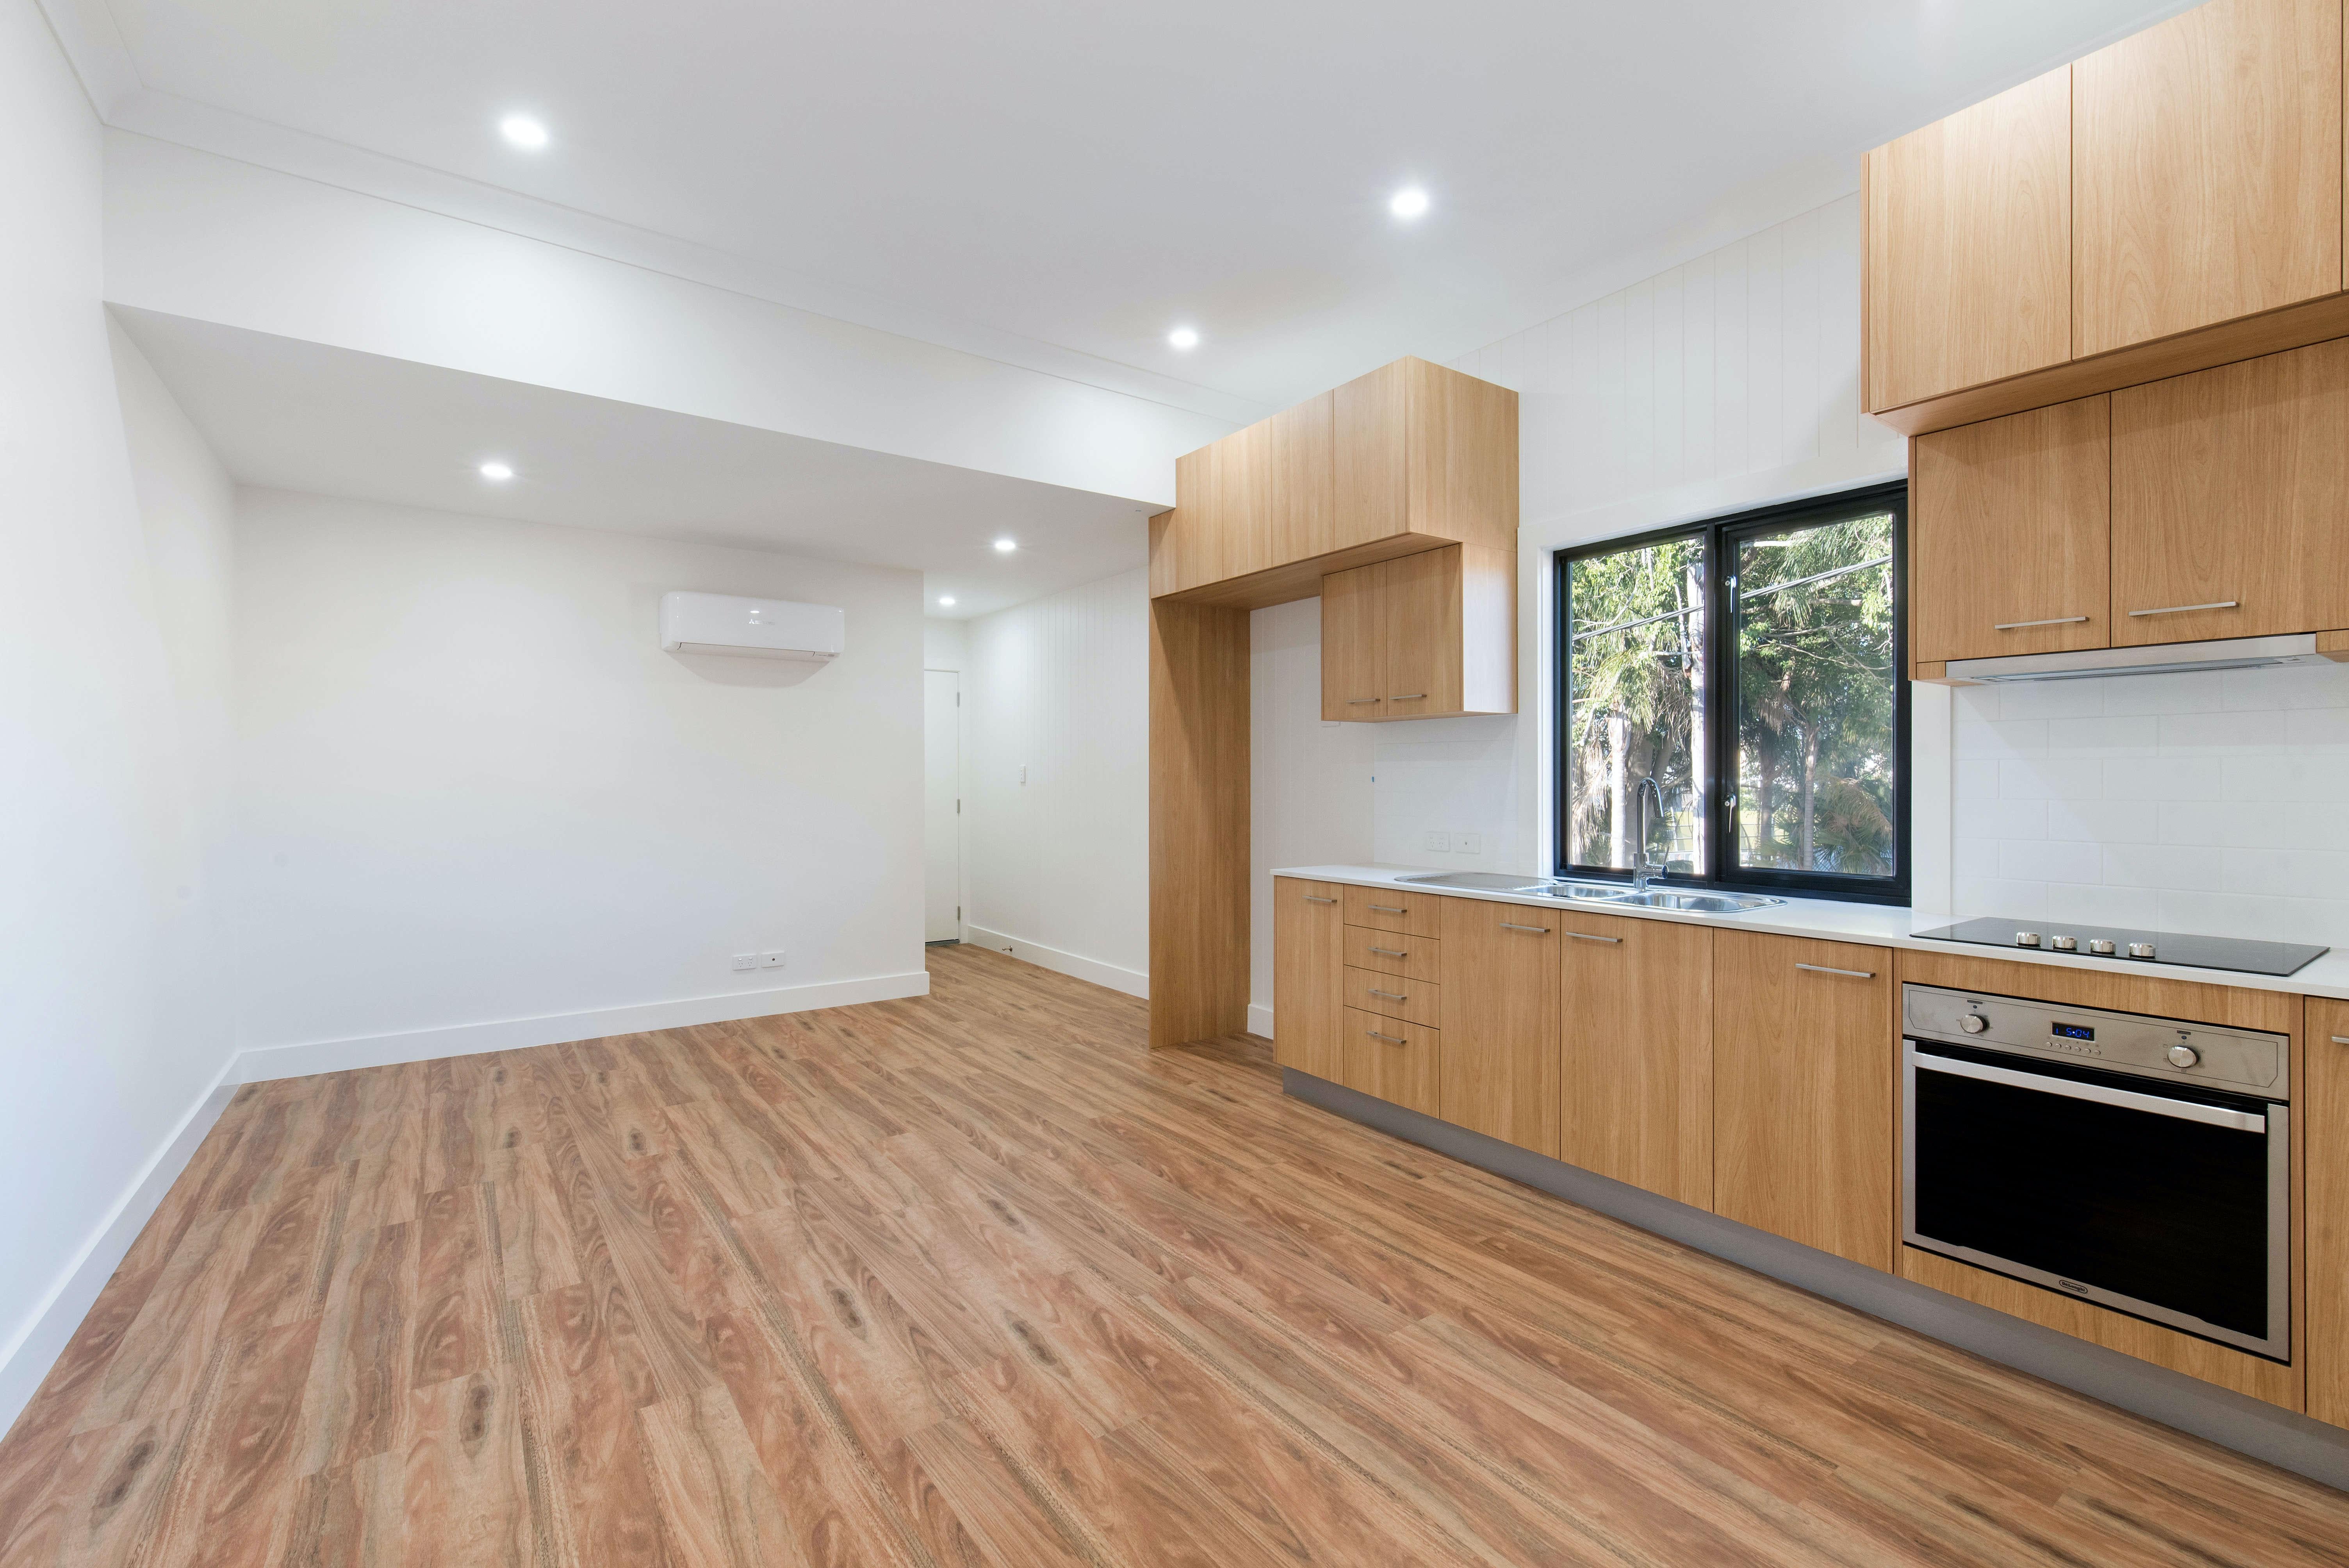 modelo de piso para interior de casa